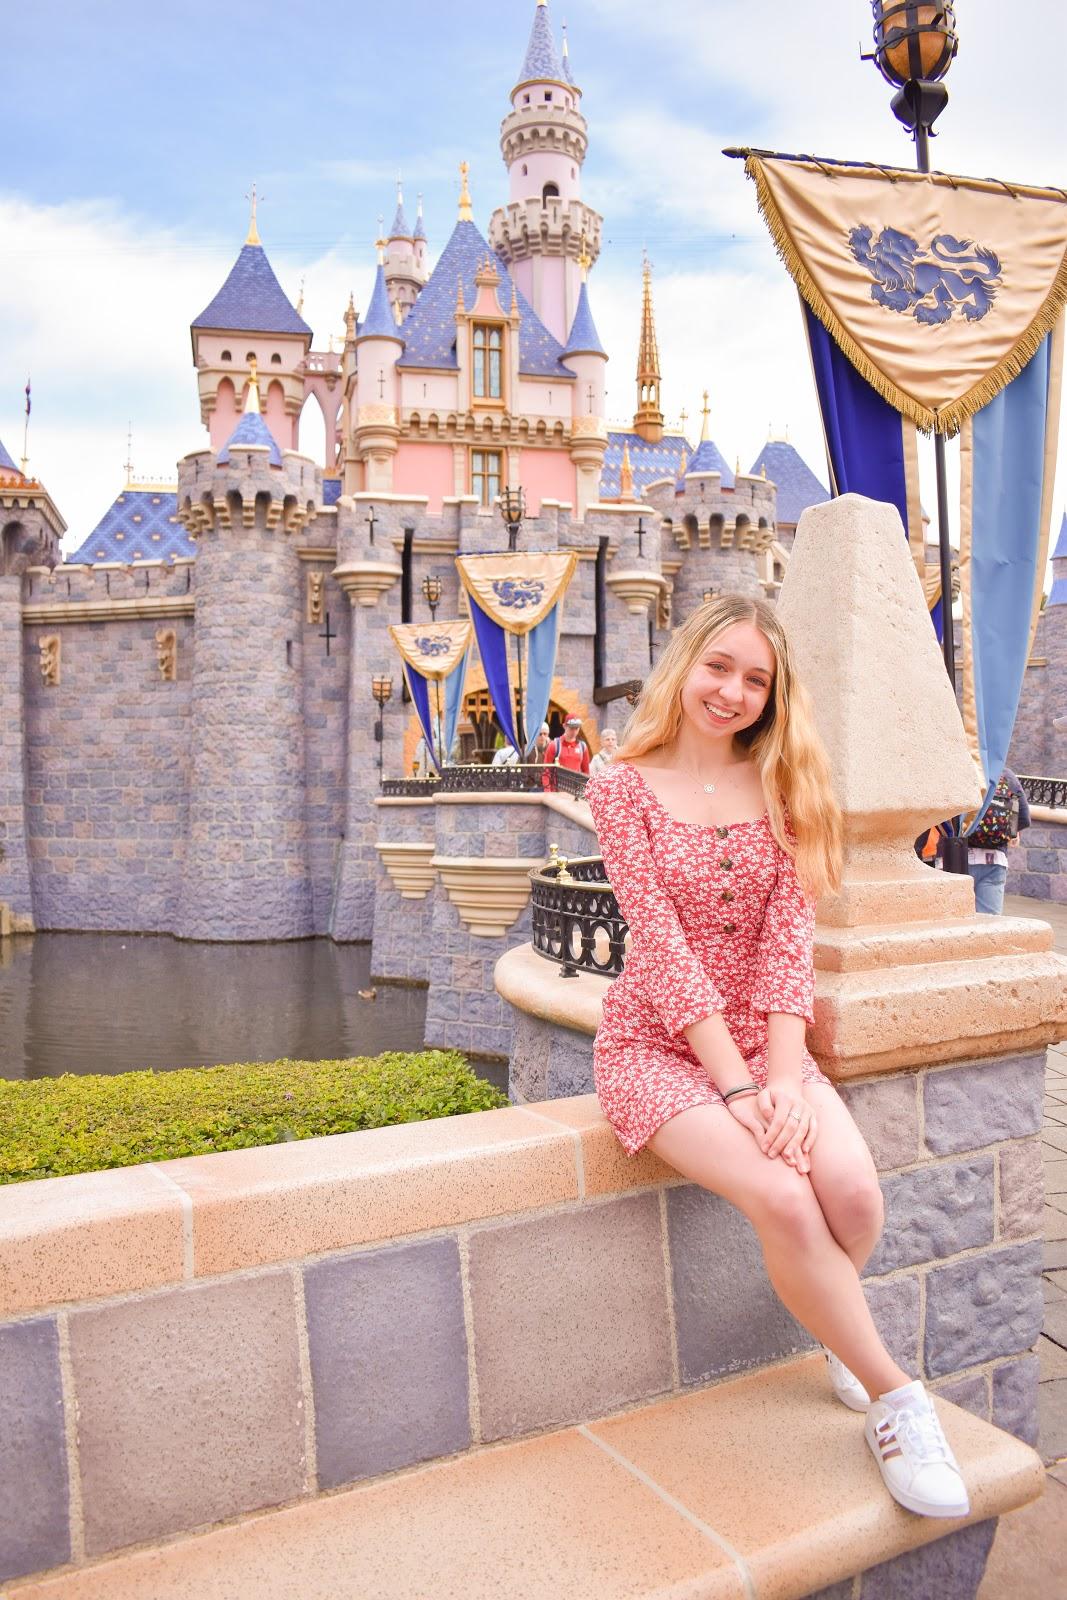 Toni with the Disneyland sleeping beauty castle